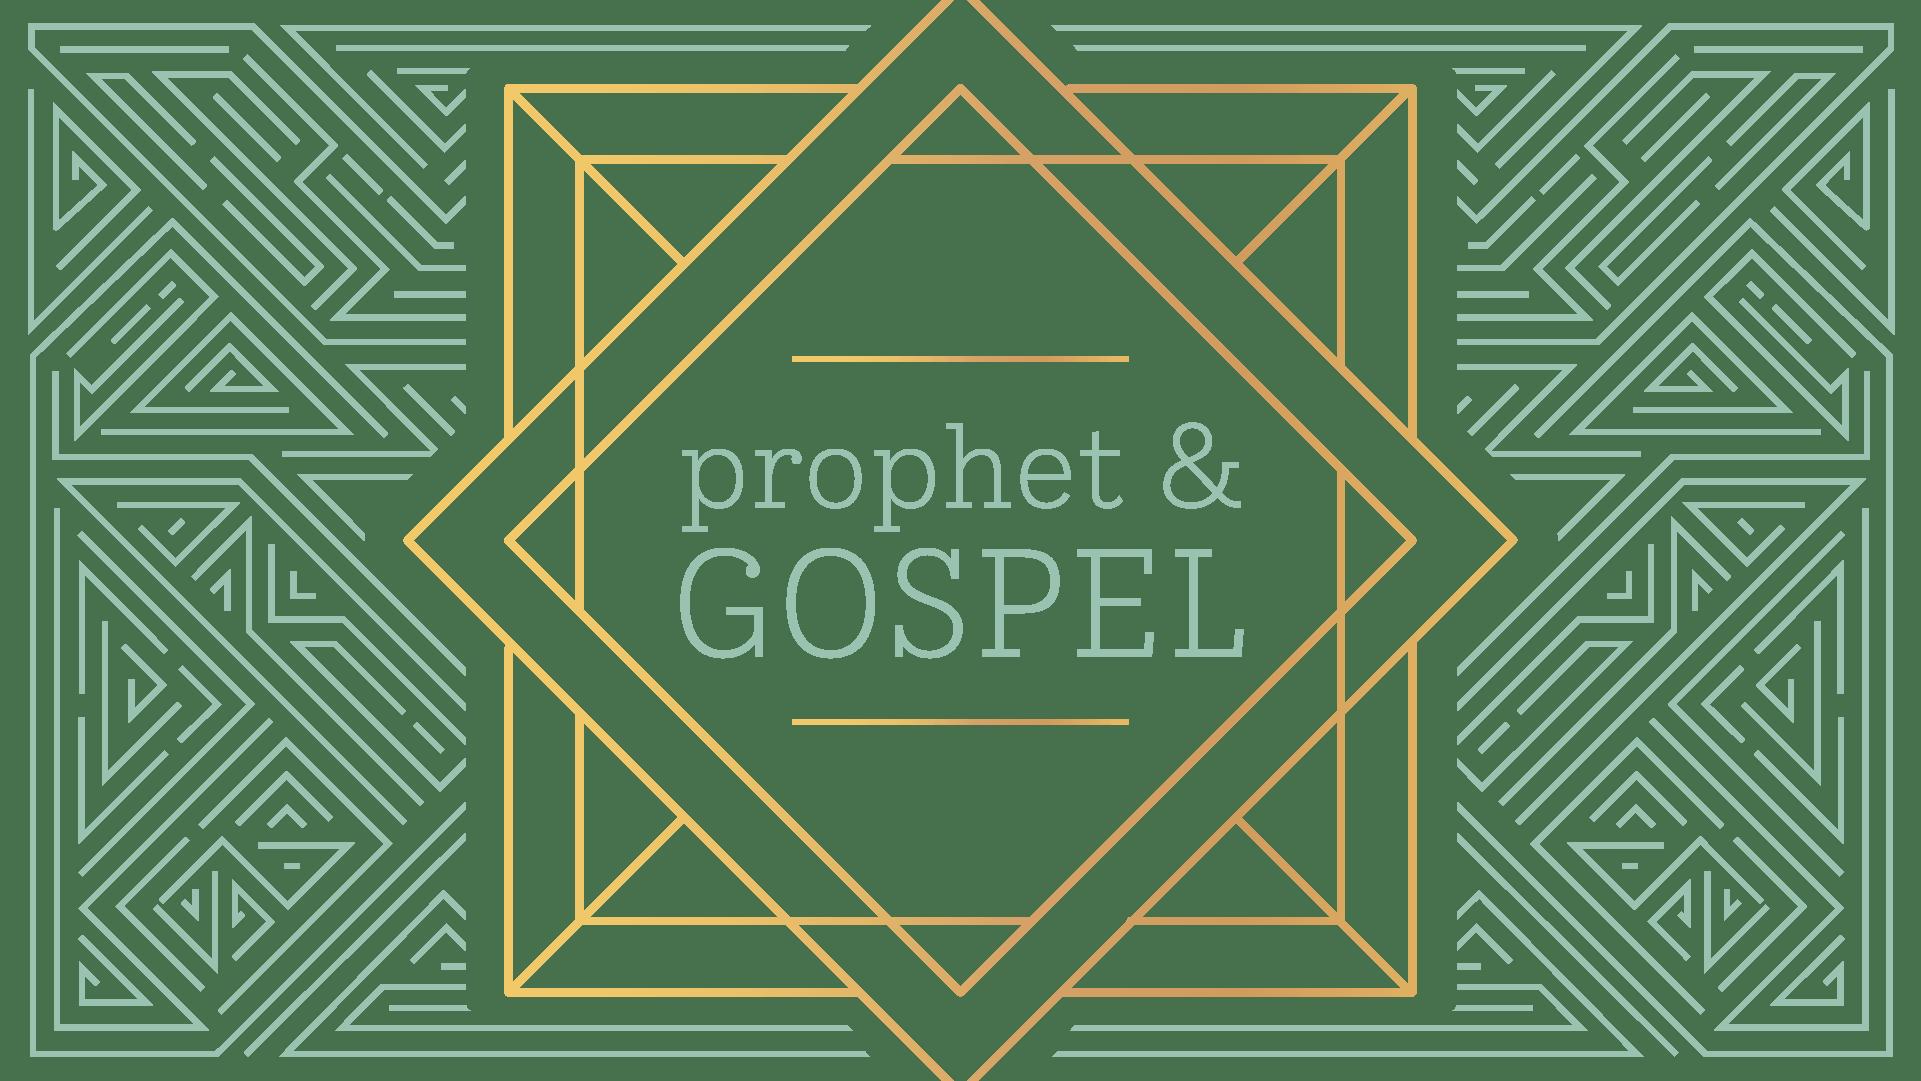 prophetgospel_b